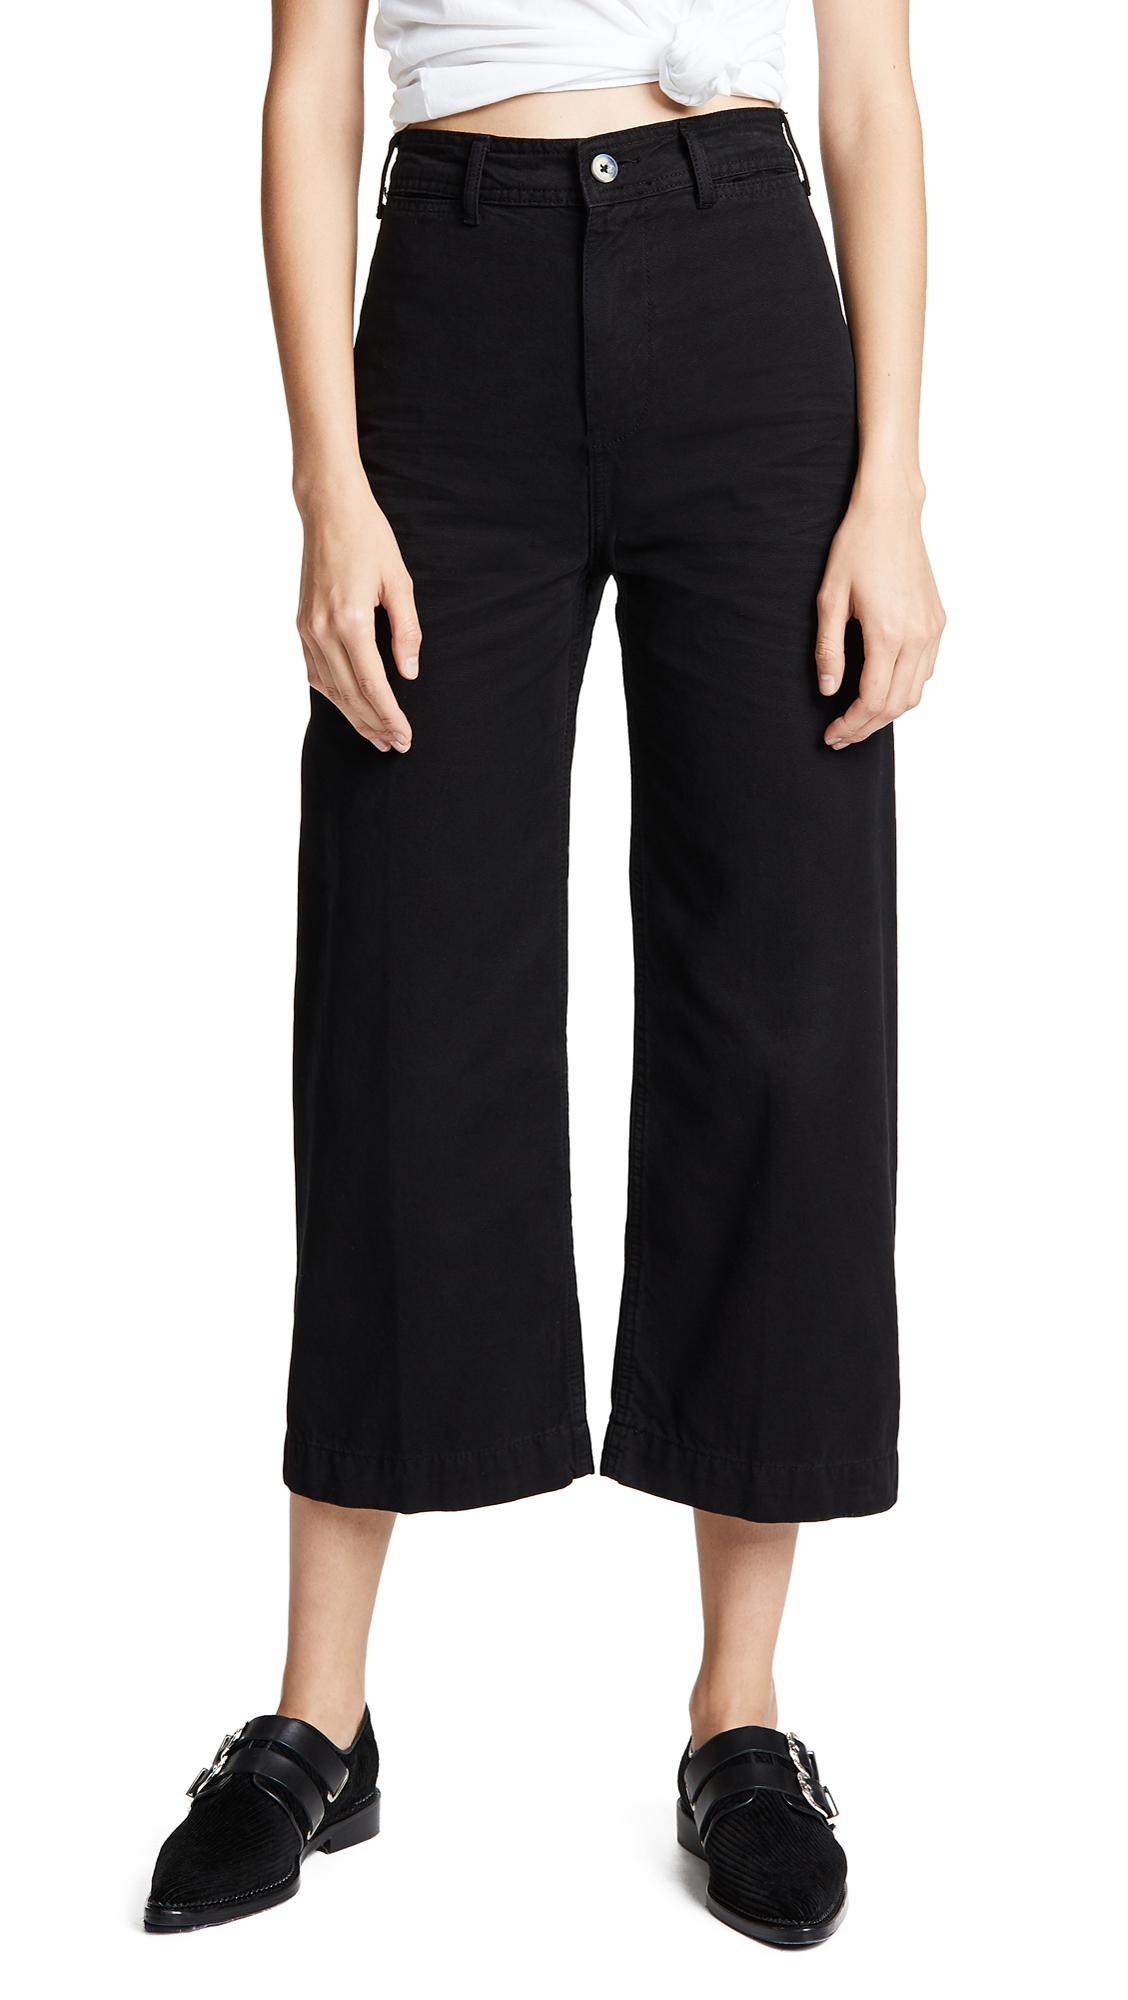 FREE PEOPLE Patti Crop Wide-Leg Jeans In Black